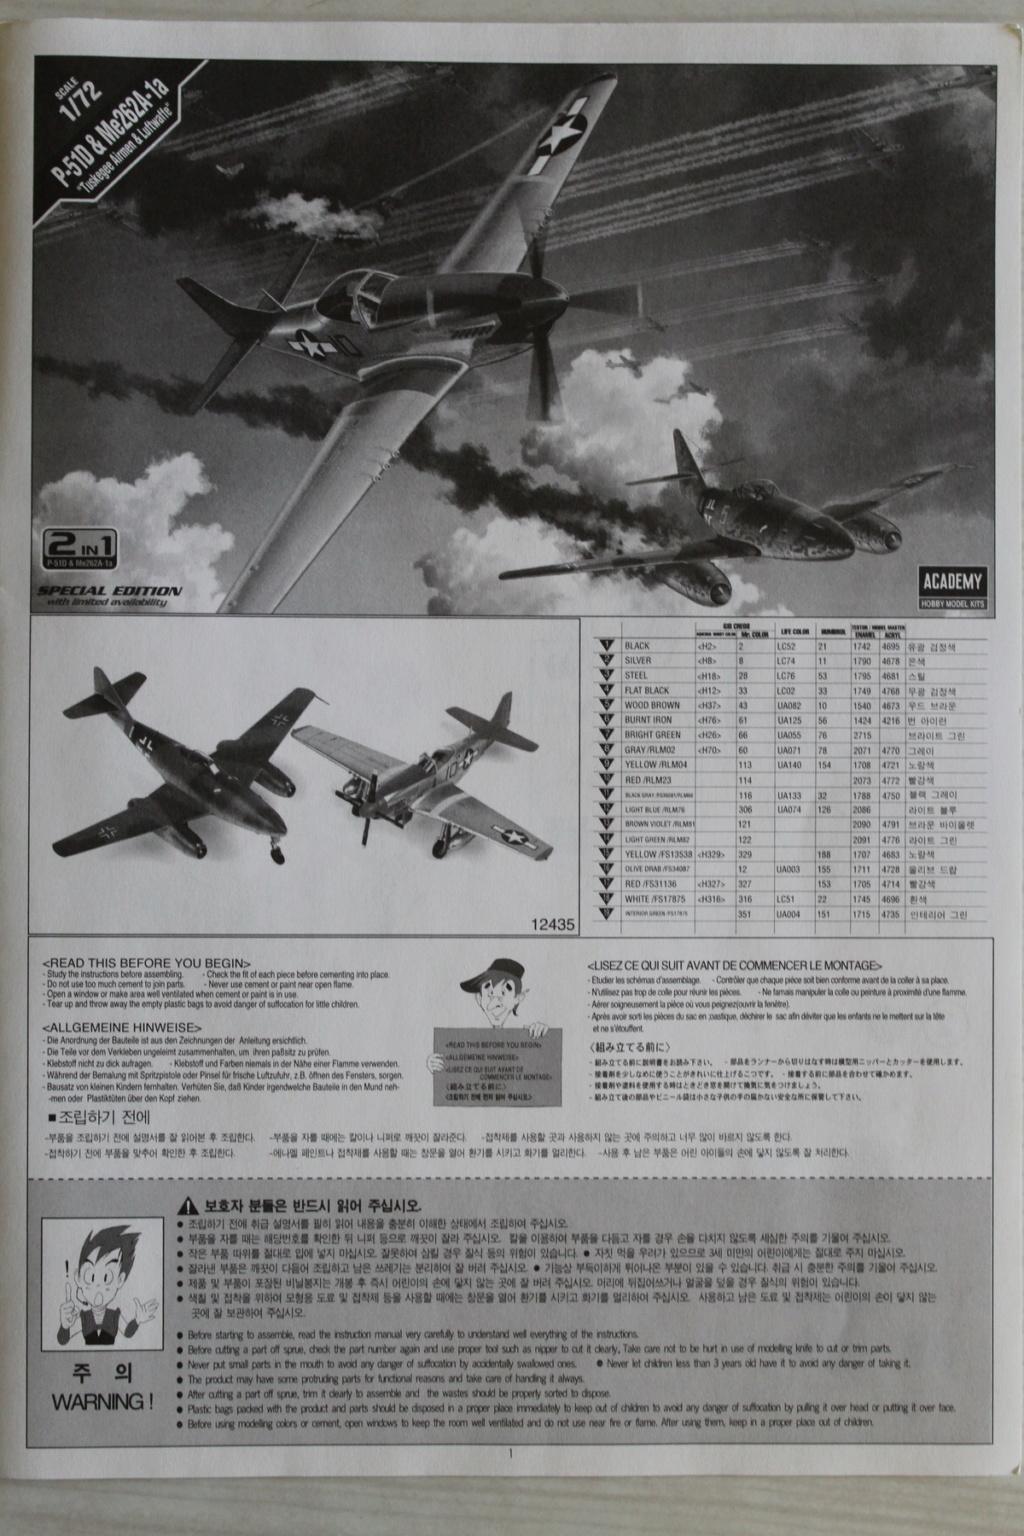 [ACADEMY] MESSERSCHMITT Me 262 + NORTH AMERICAN P-51 D combo 1/72ème Réf 12435 000_ac26